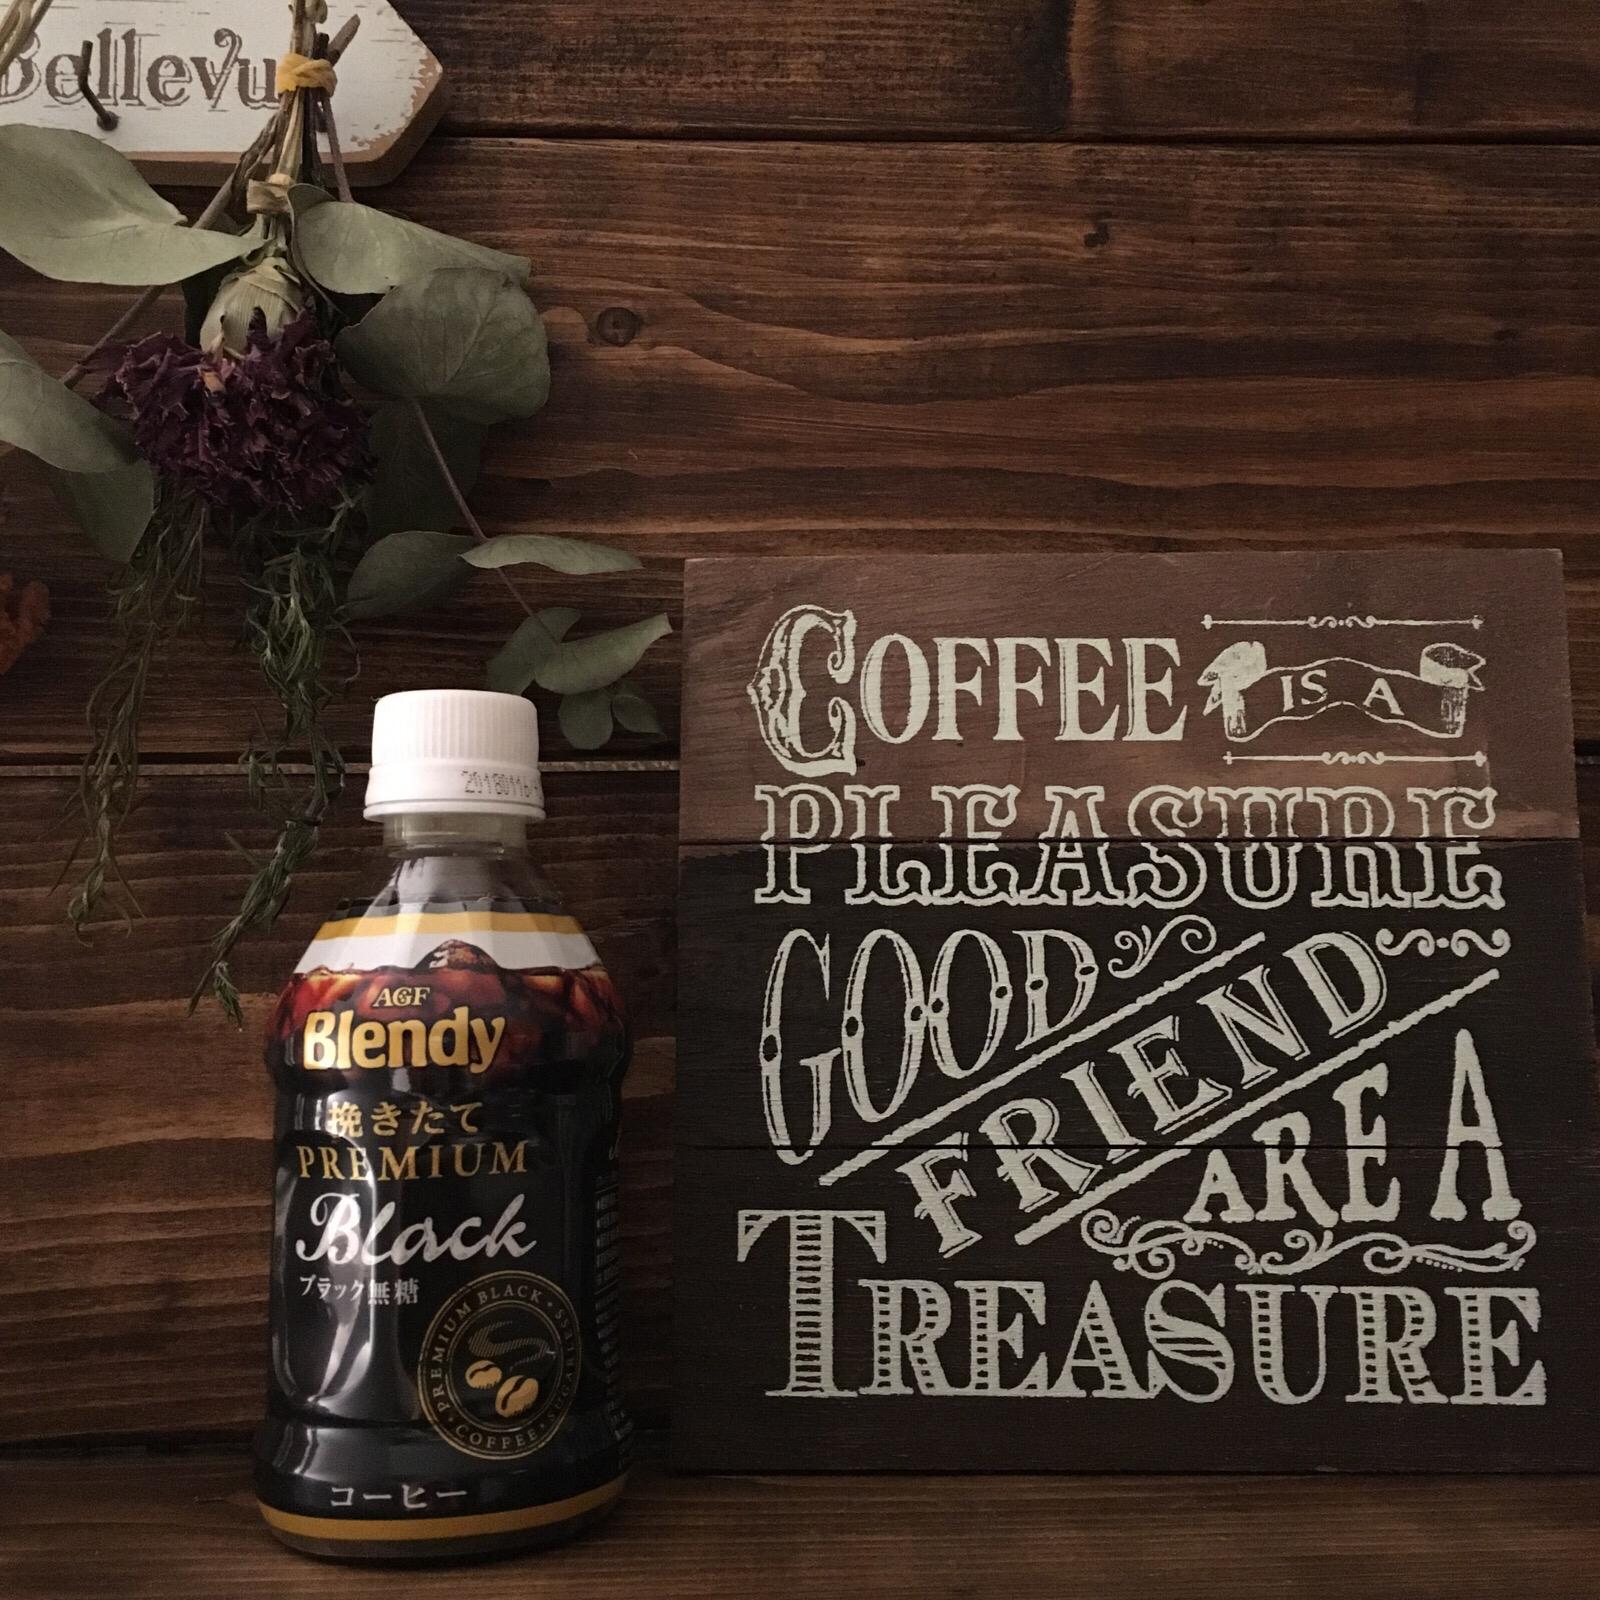 コンビニコーヒー好きなら絶対チェック!味・コスパ・量も◎なコーヒー